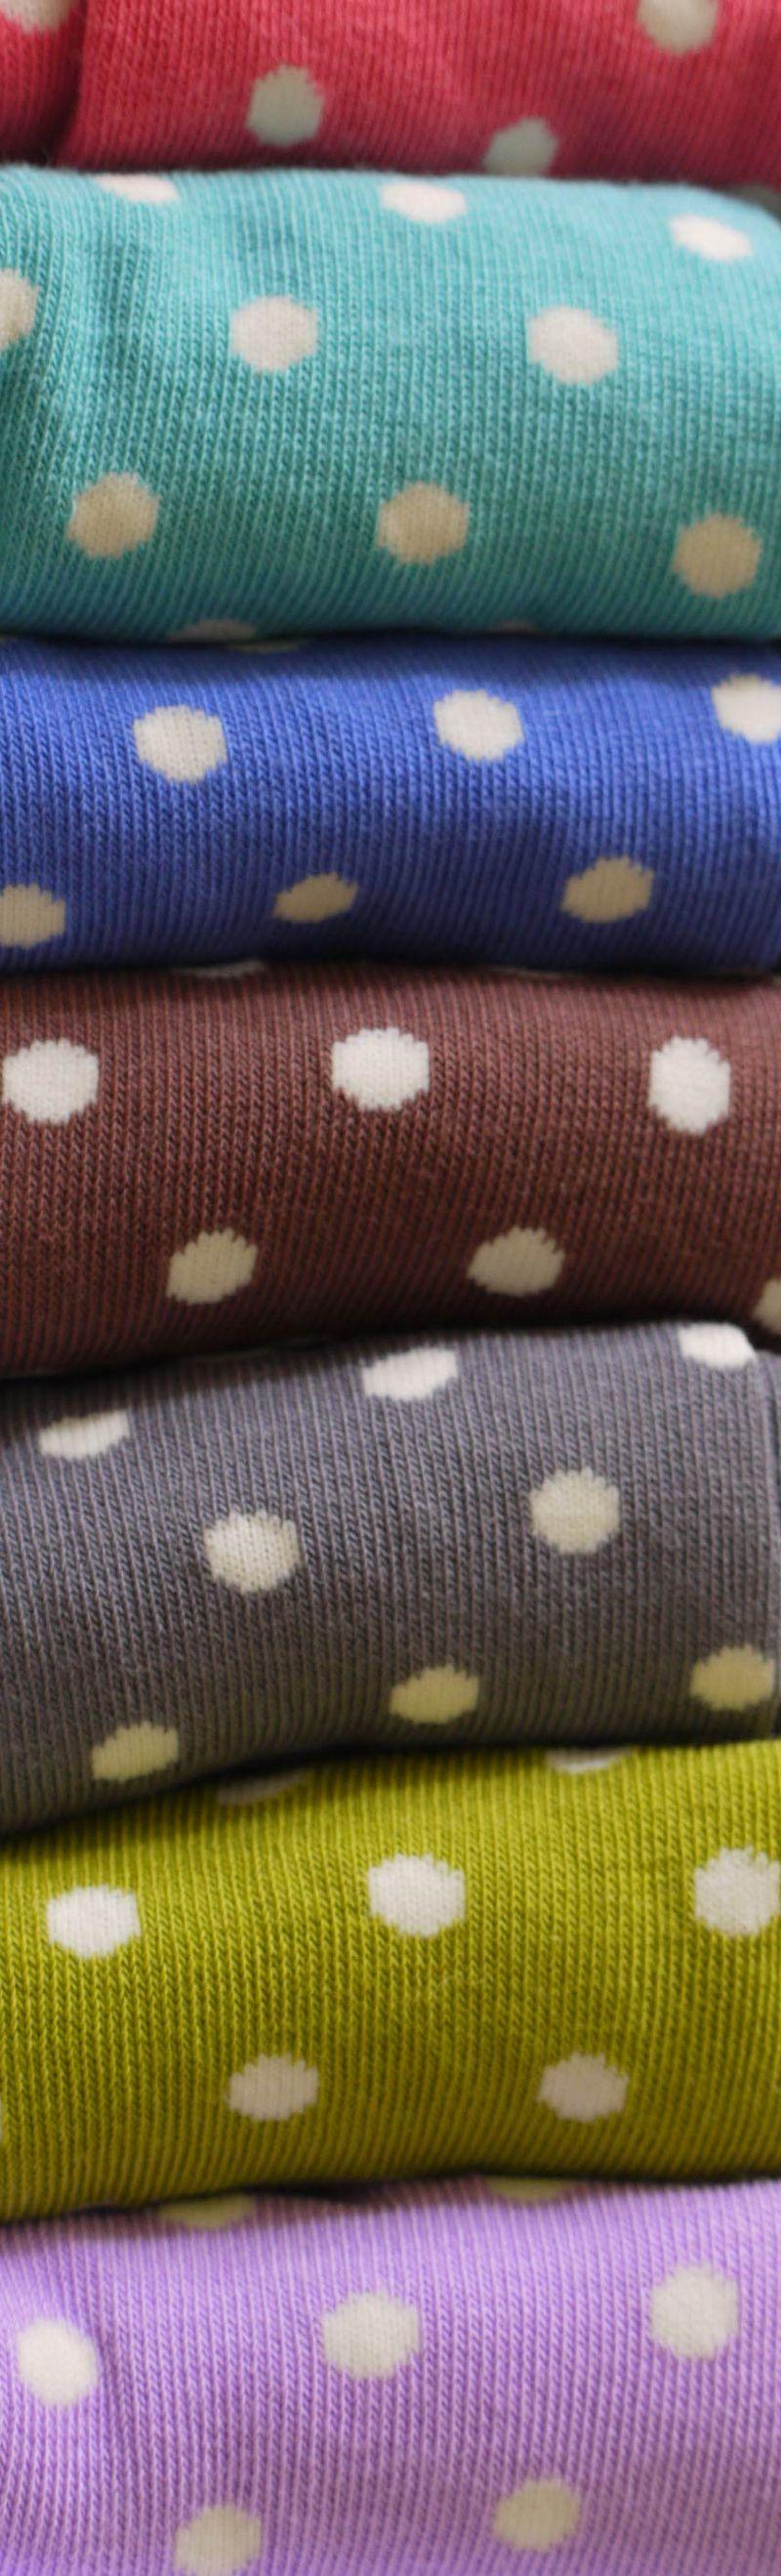 Socks-b.-3